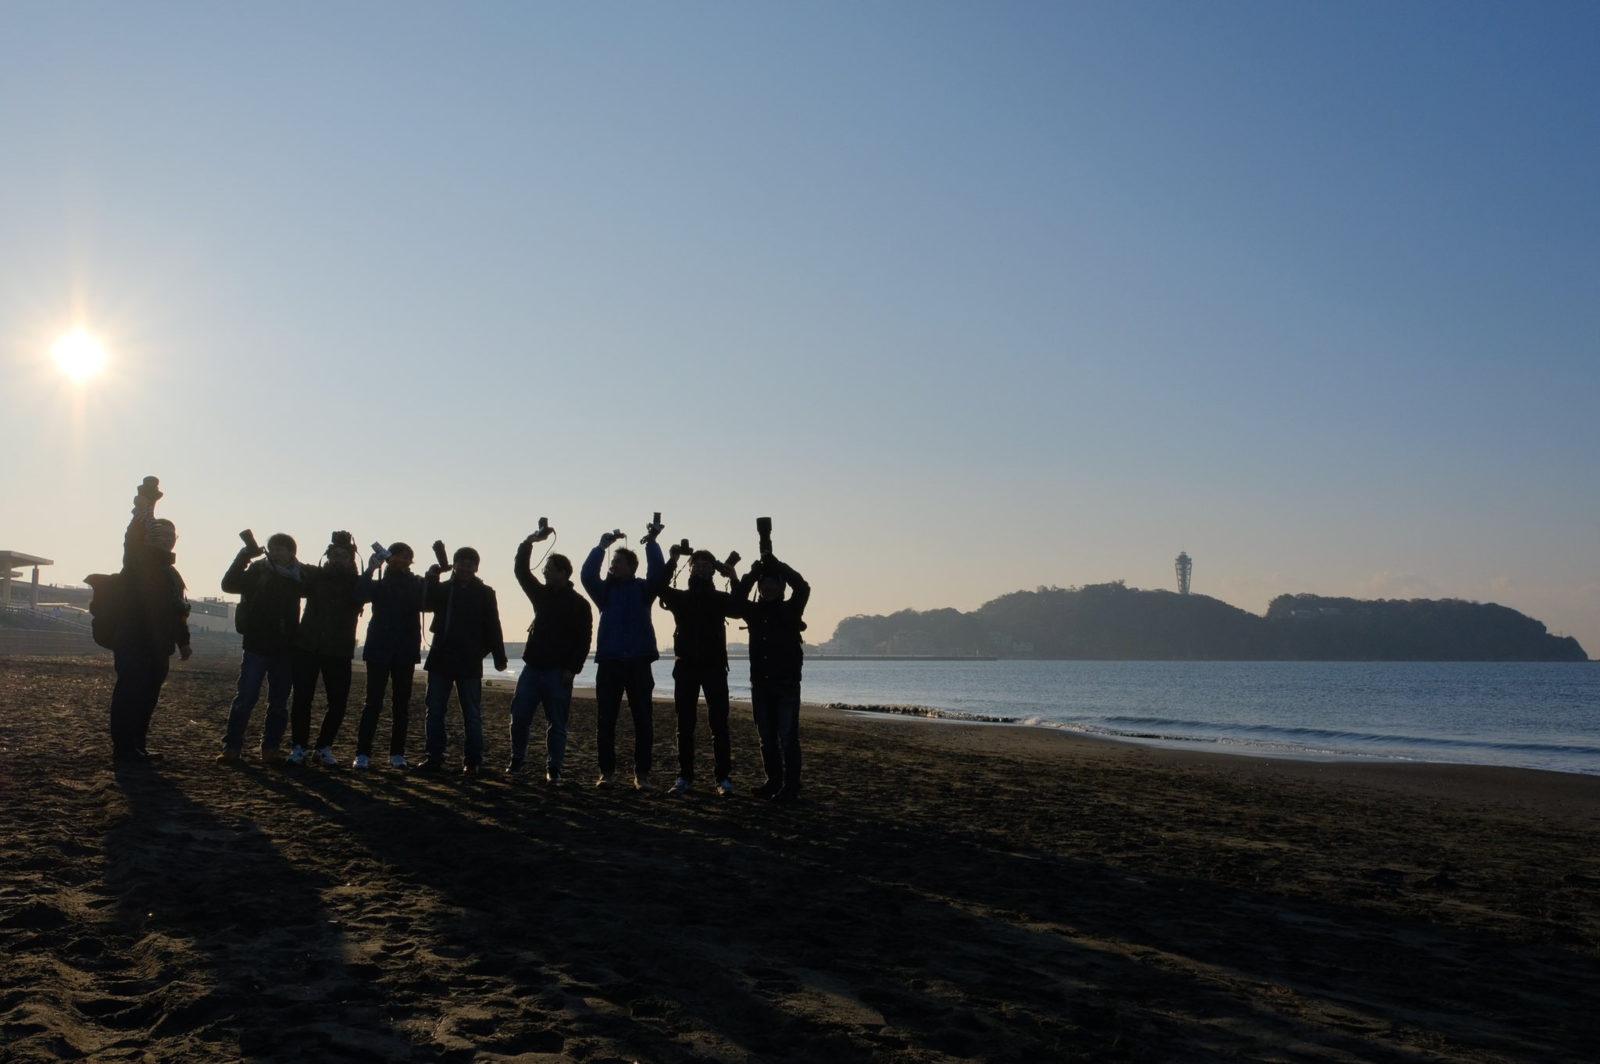 湘南早朝フォトウォークを開催。朝から晩まで海尽くし!